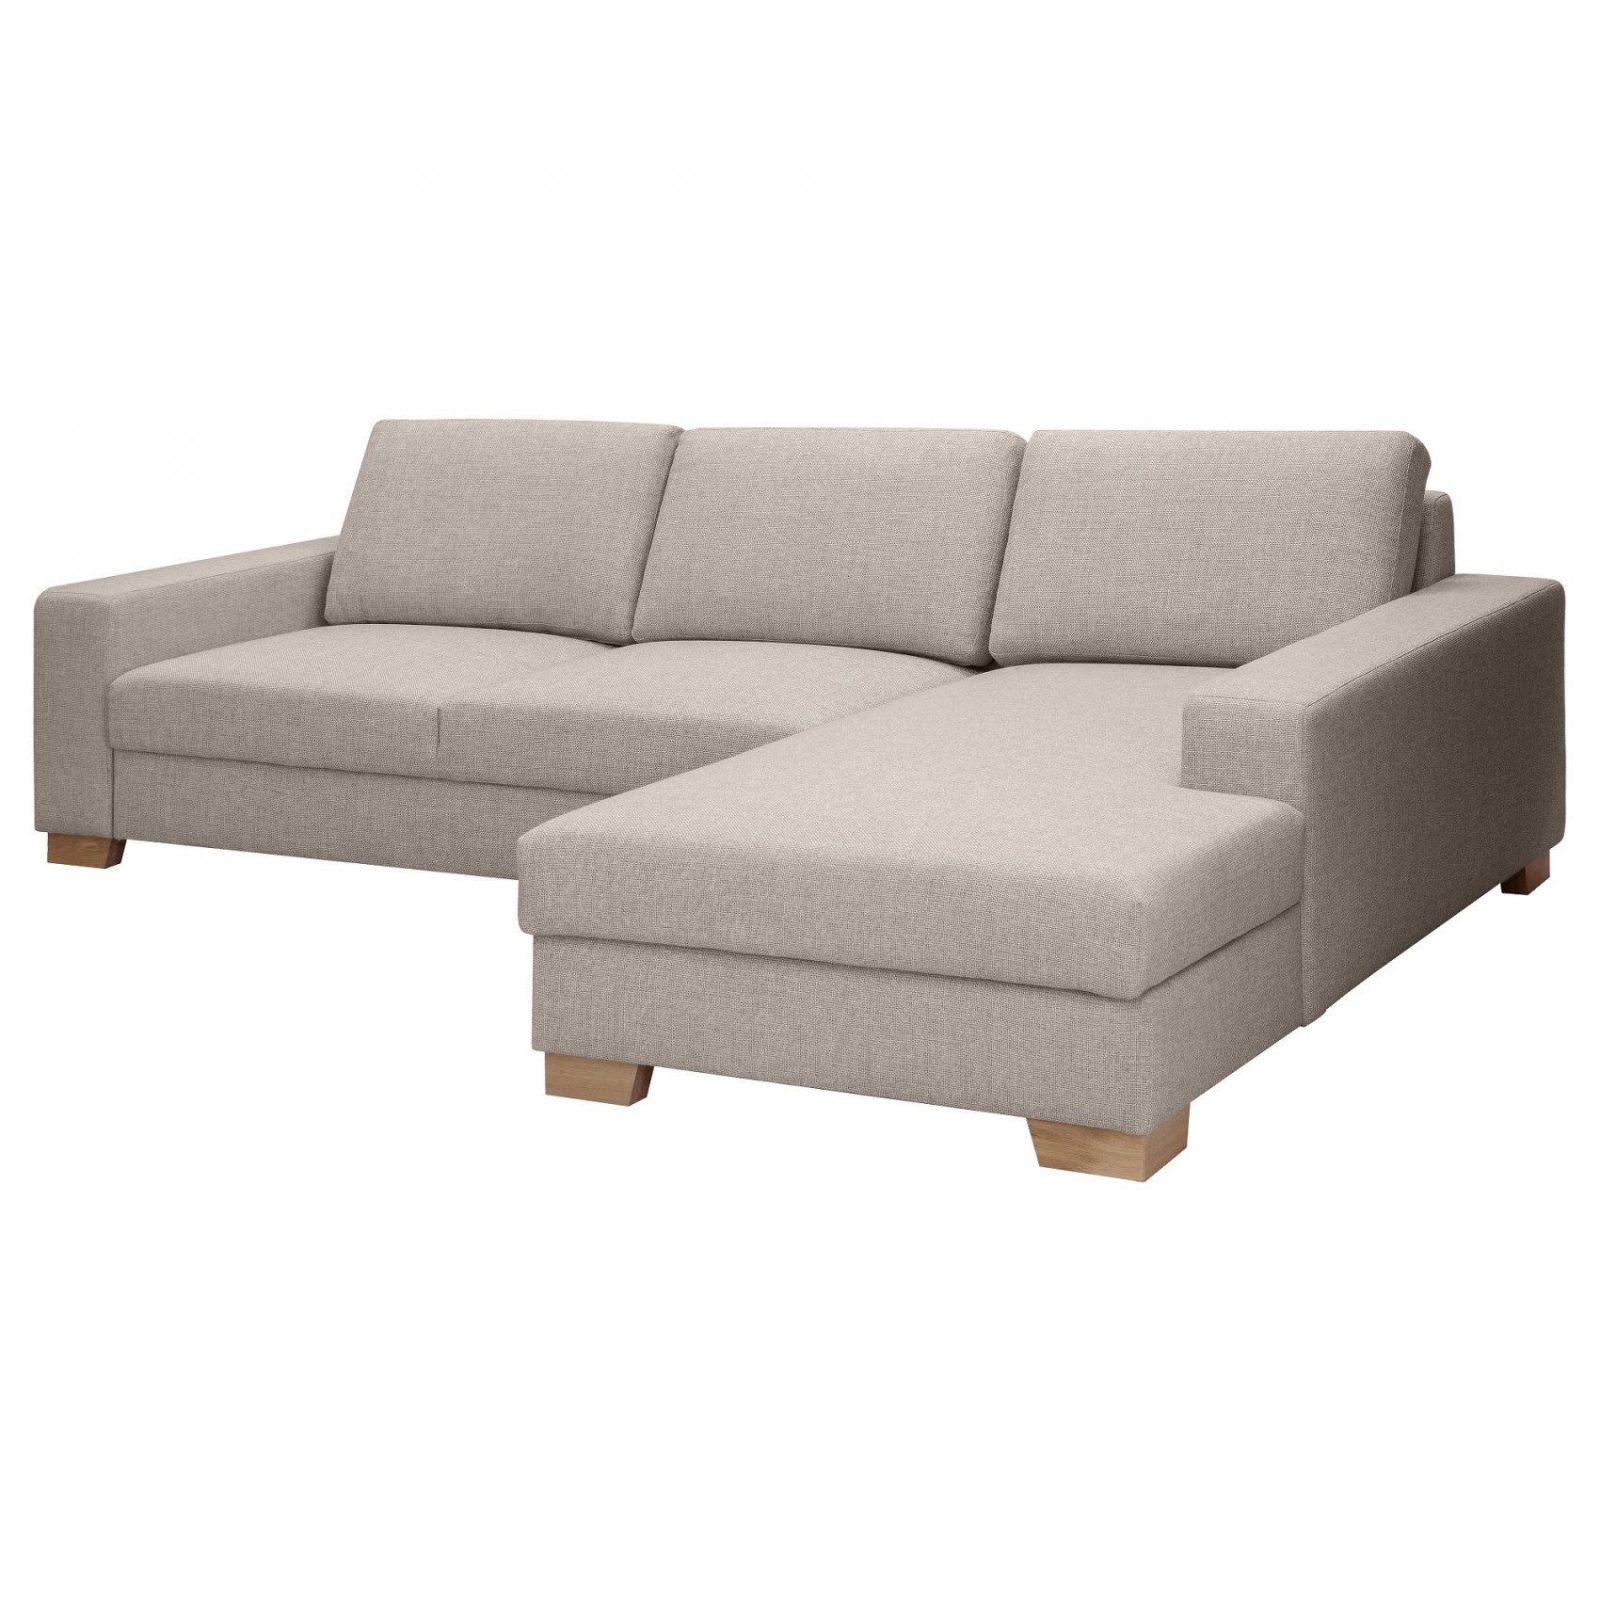 Sörvallen 3Er Sofa Mit R Camiere Rechts Tenö Hellgrau Ikea Avec Ikea von Ikea Wohnlandschaft Mit Schlaffunktion Photo